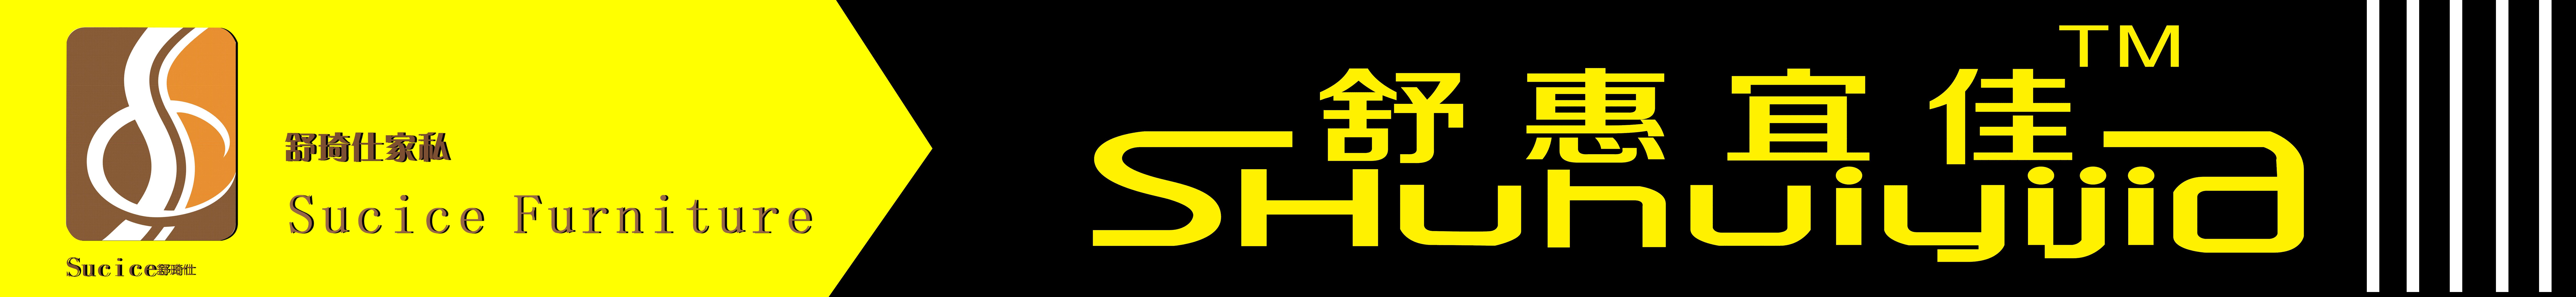 家具店招牌(已有logo)